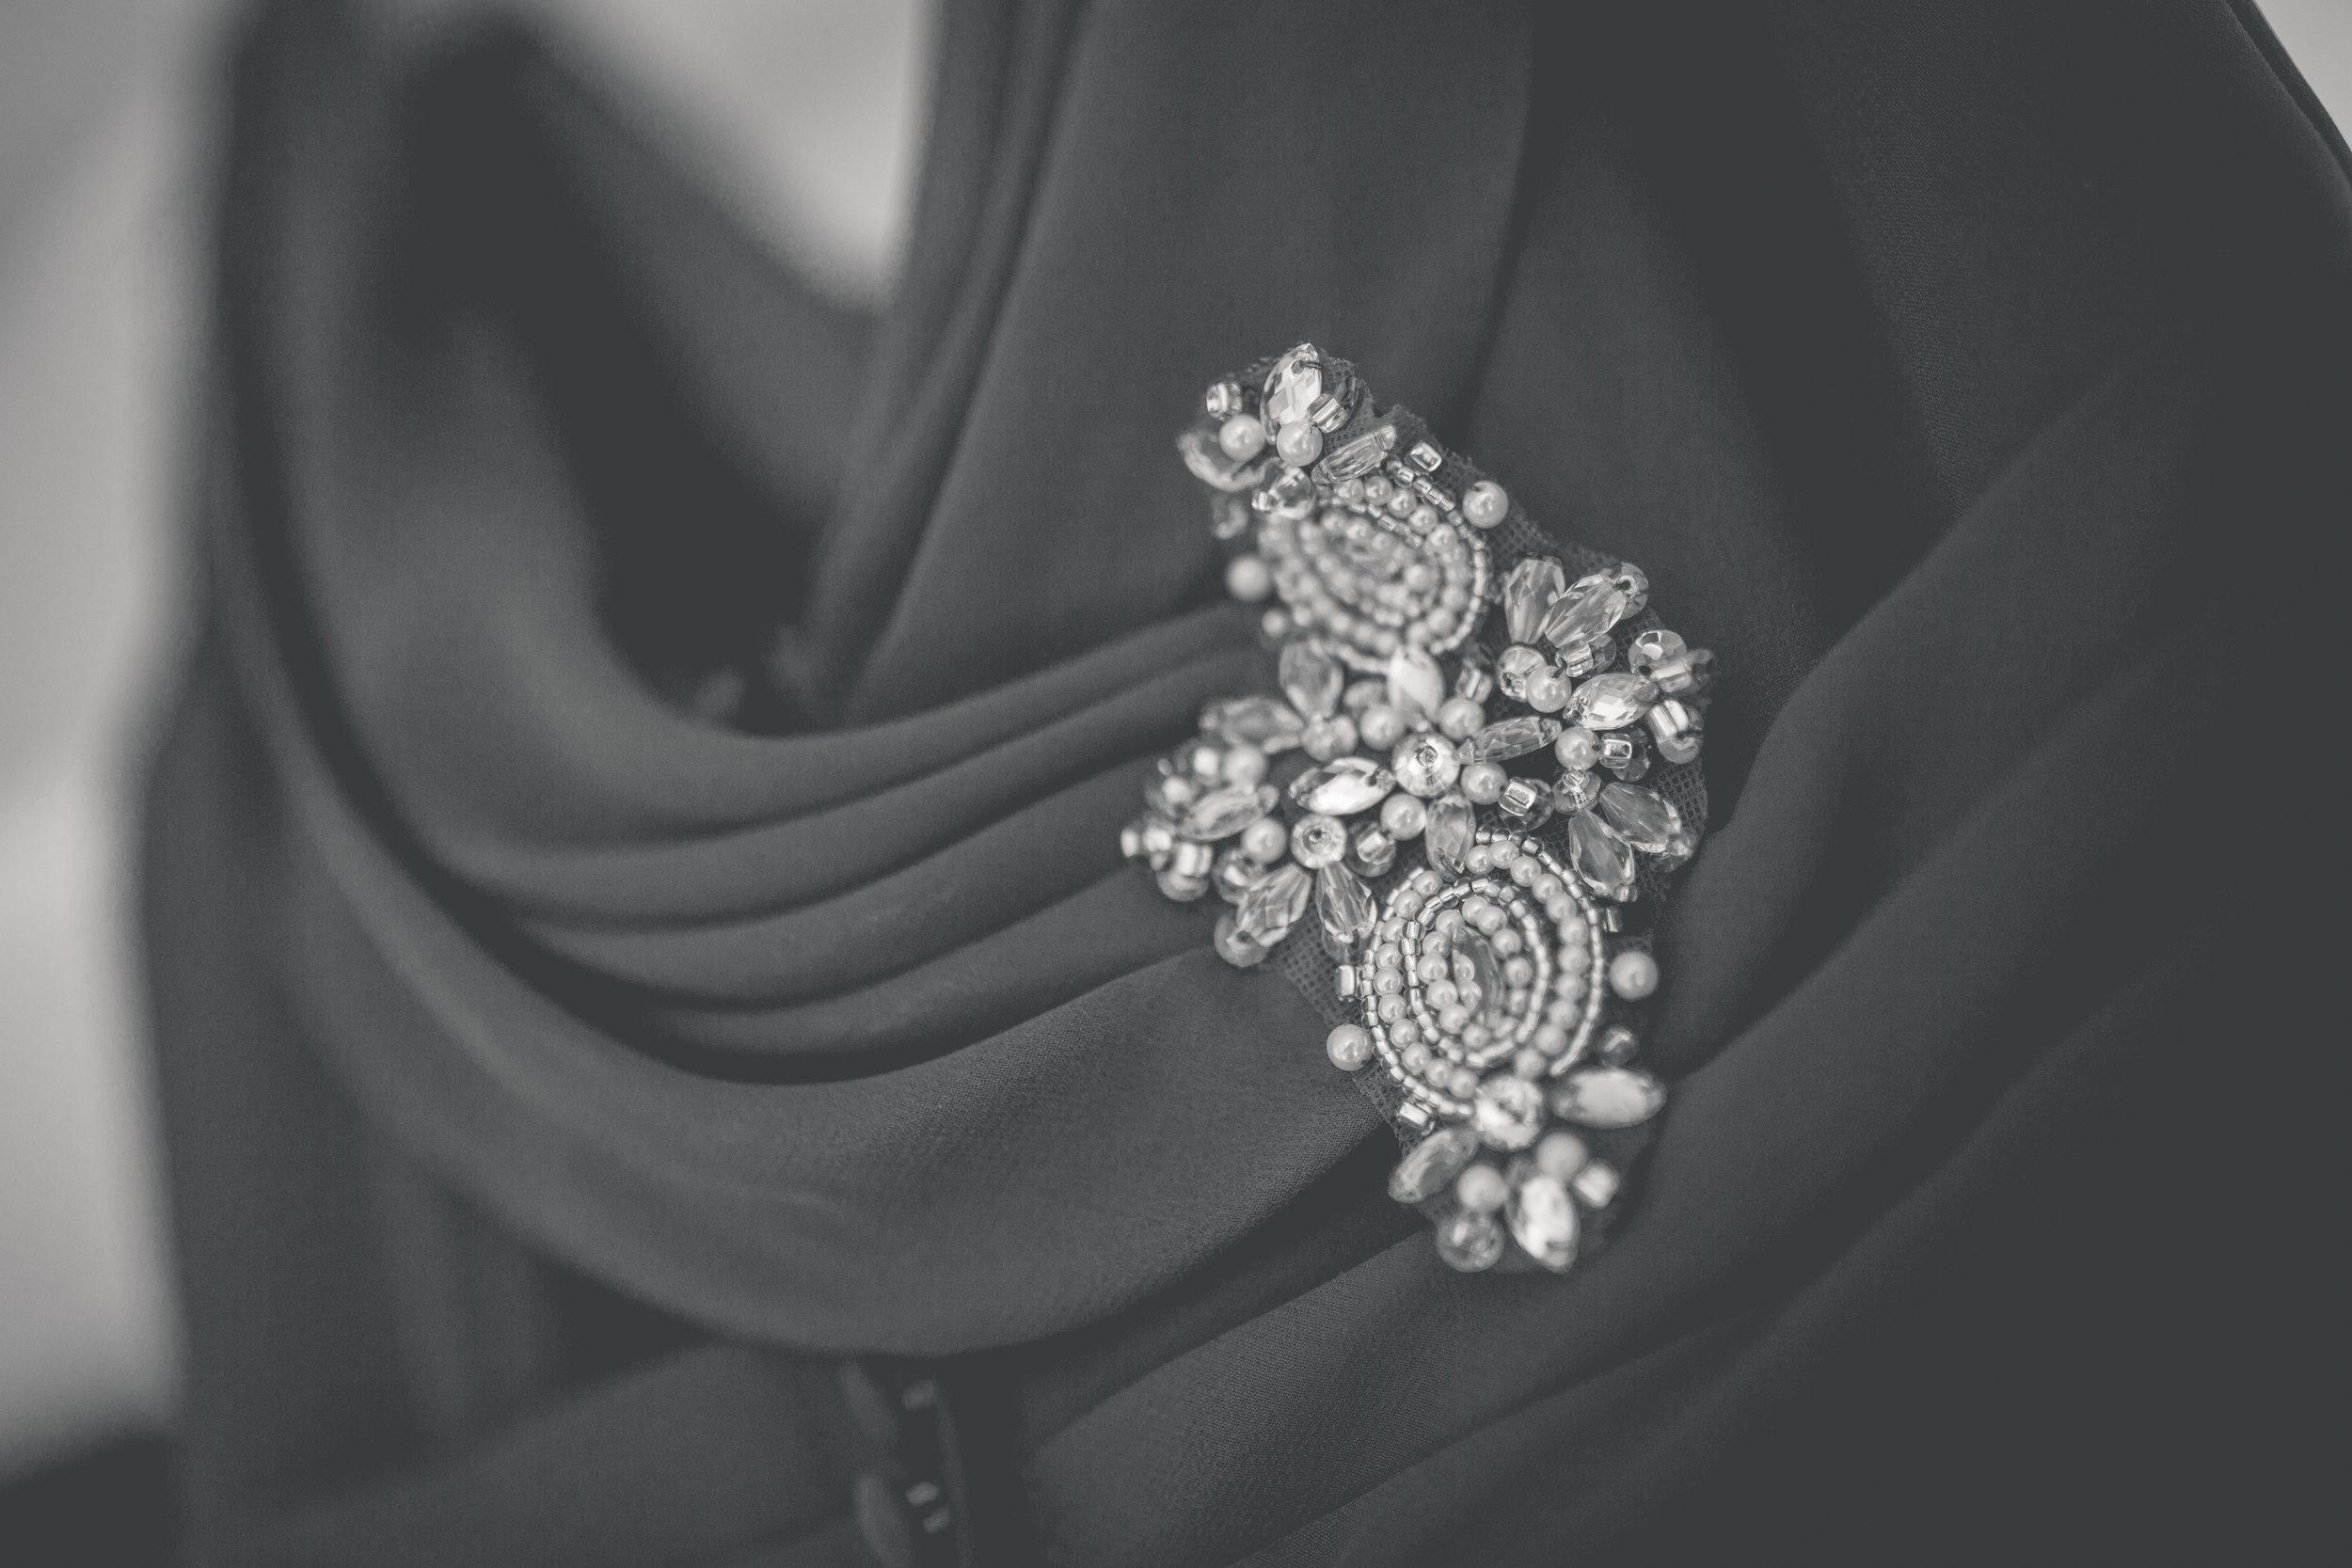 Brian McEwan Wedding Photography | Carol-Anne & Sean | Bridal Preparations-4.jpg